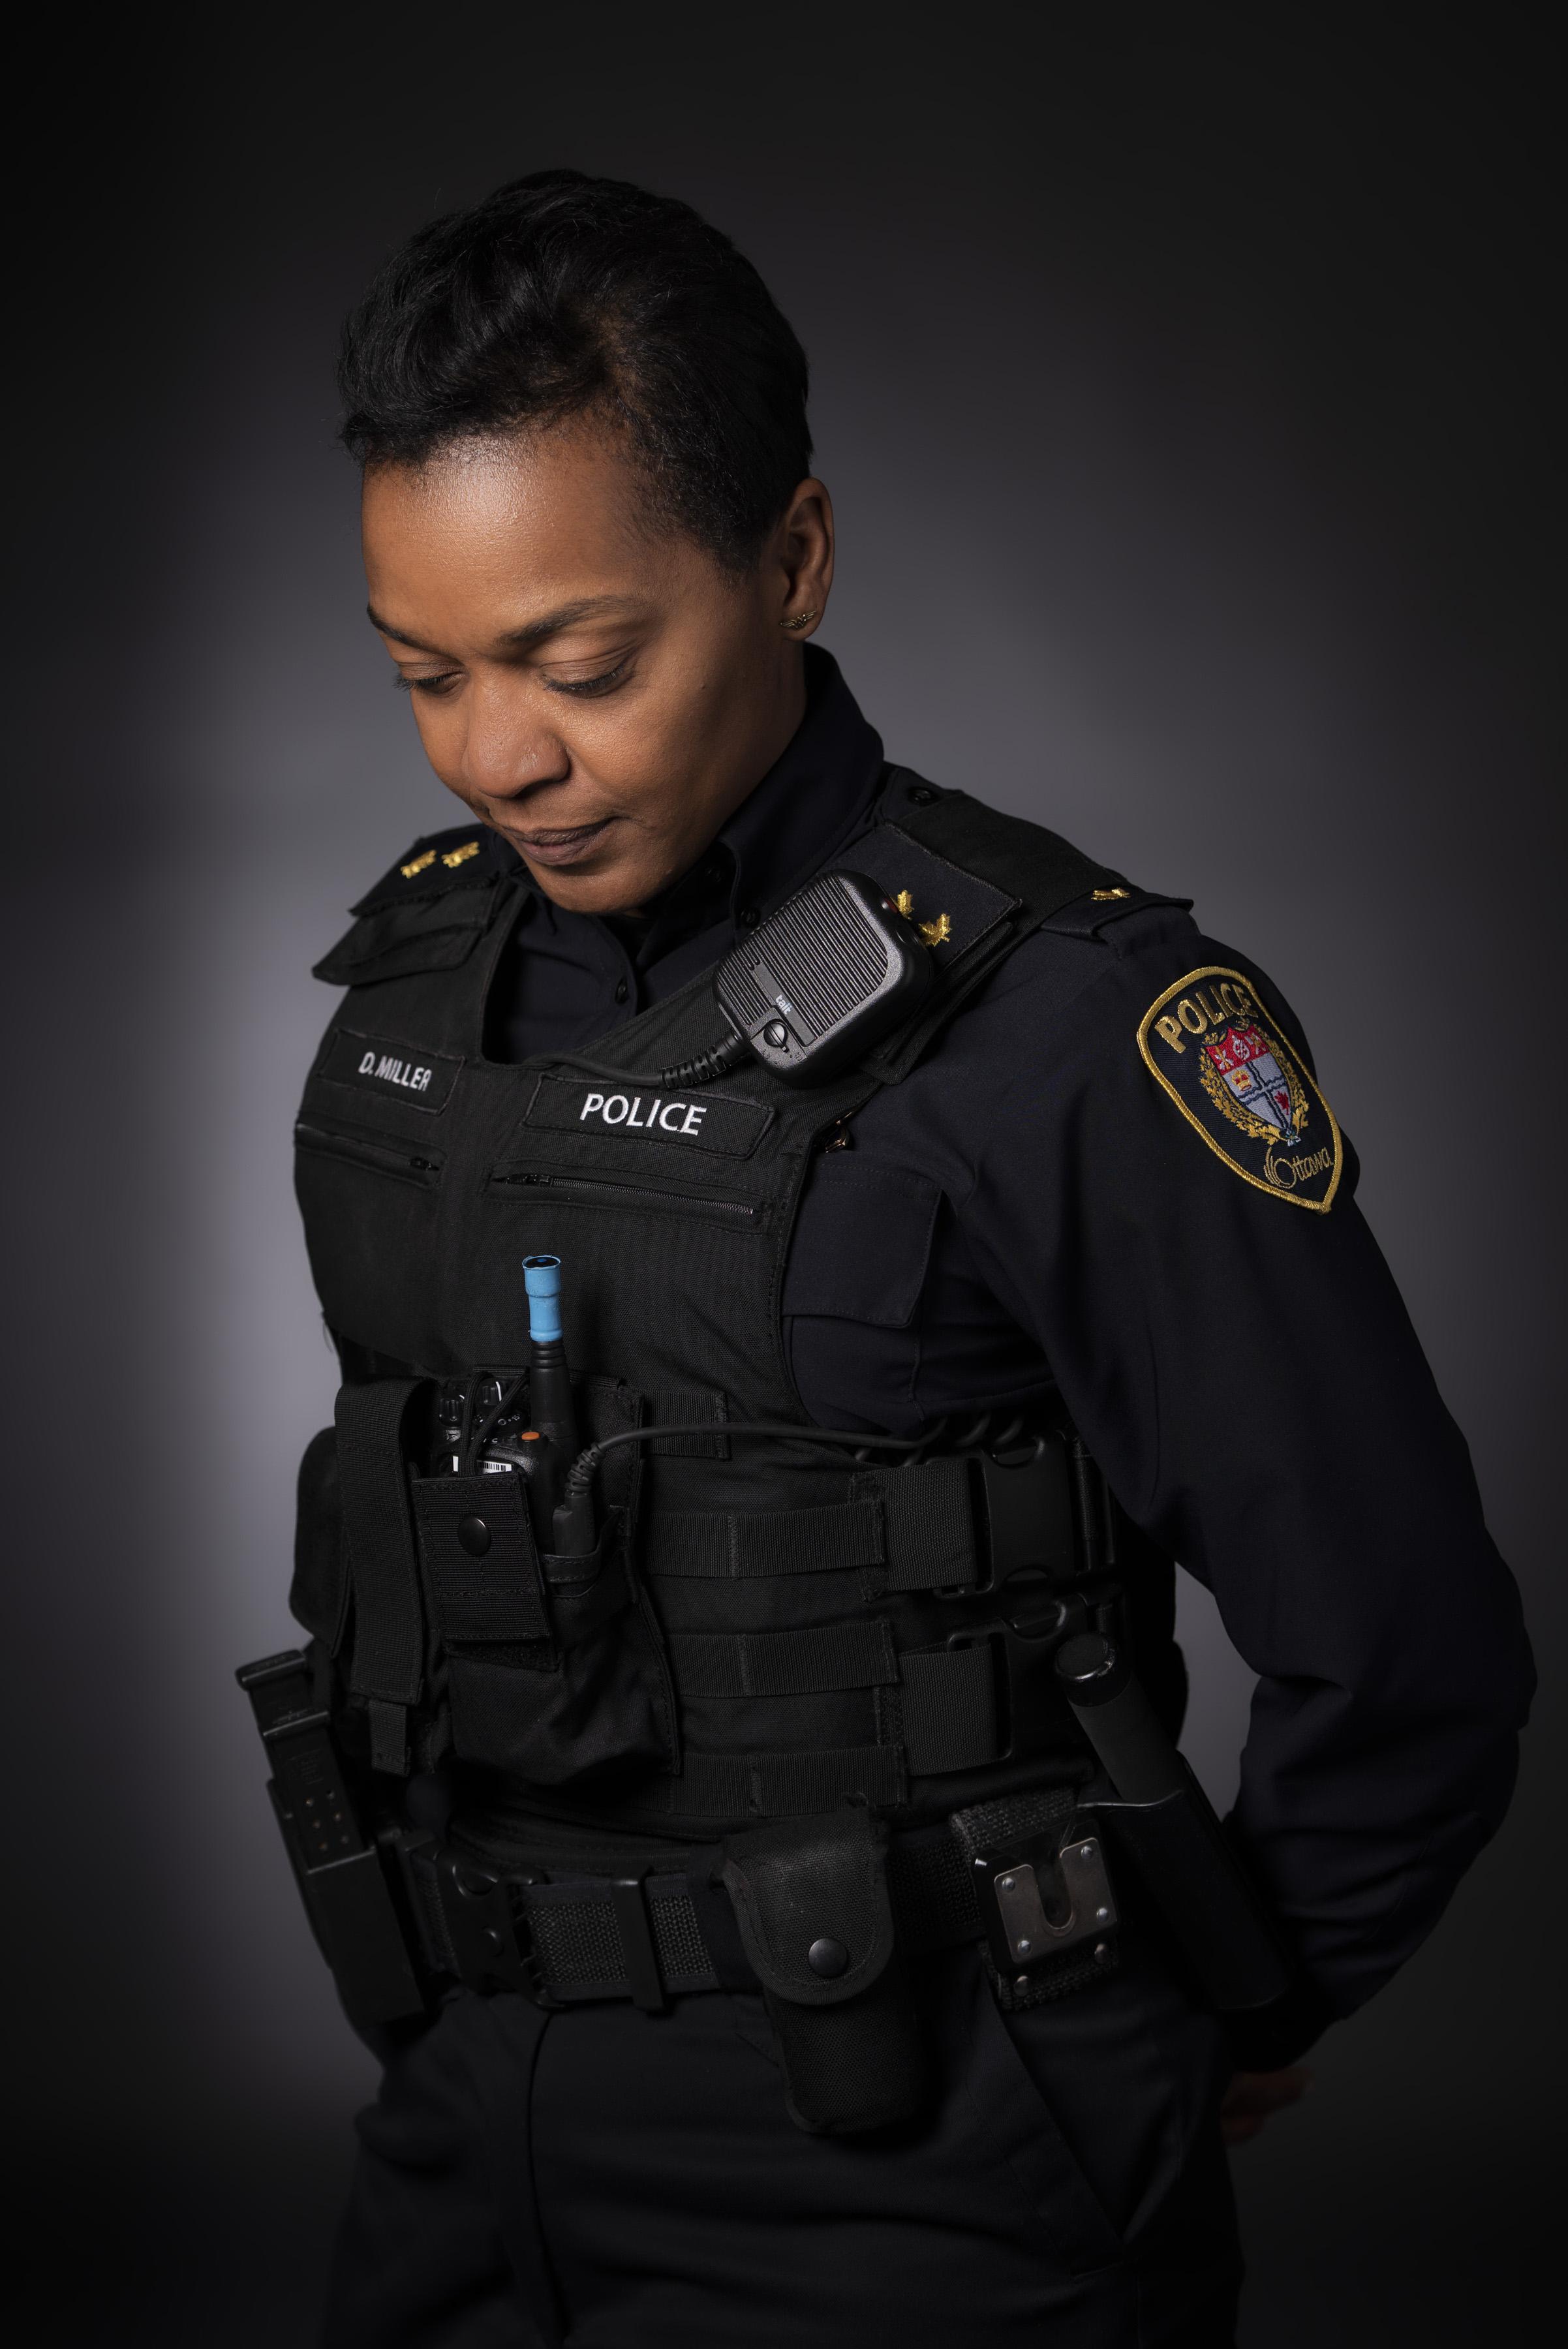 Inspector Debbie Miller